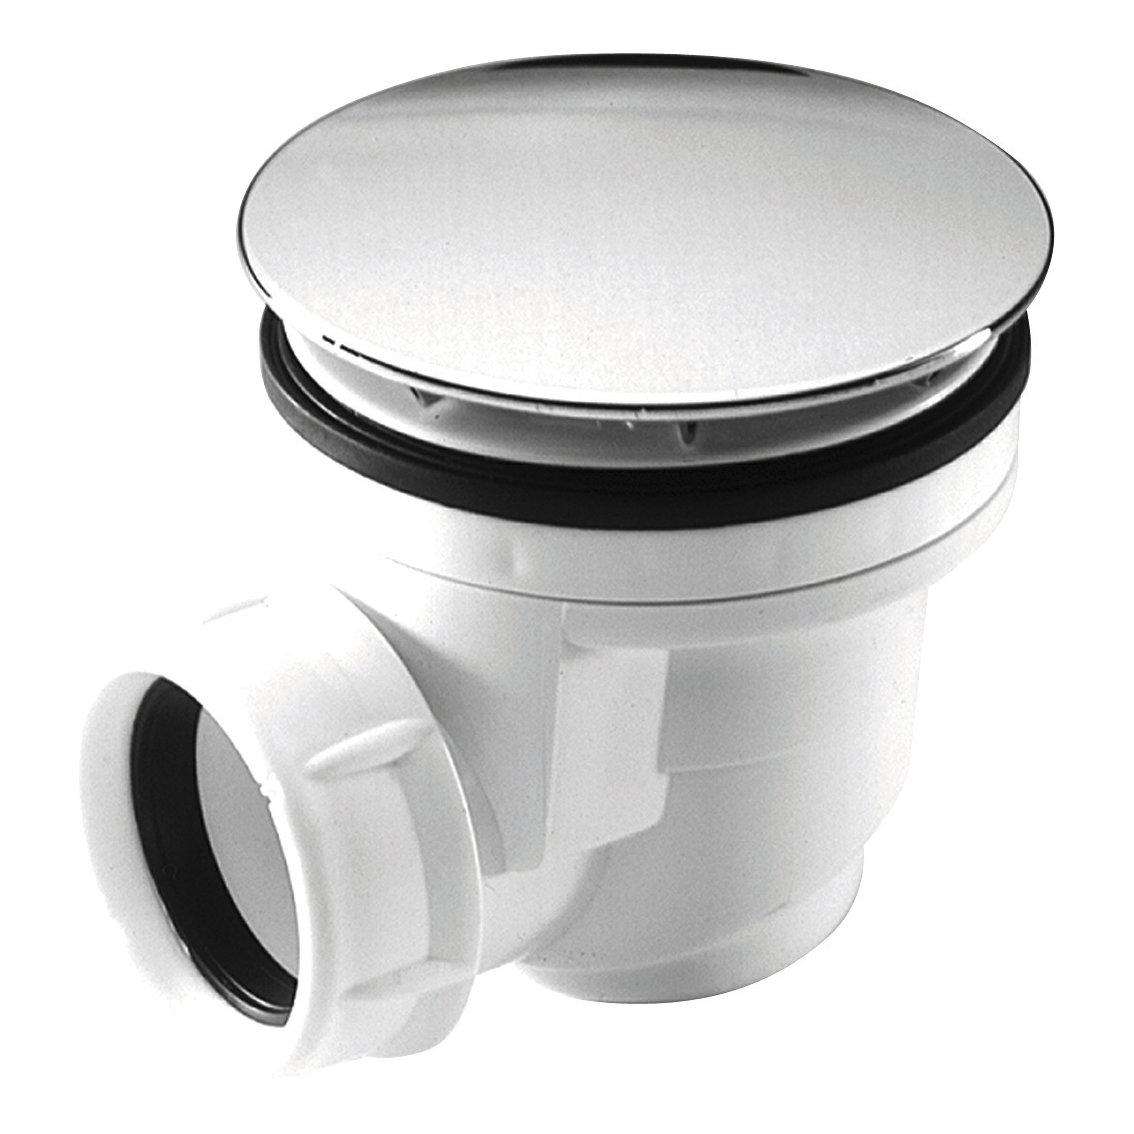 Bonde receveur de douche plastique standard 60 nicoll for Bonde receveur de douche